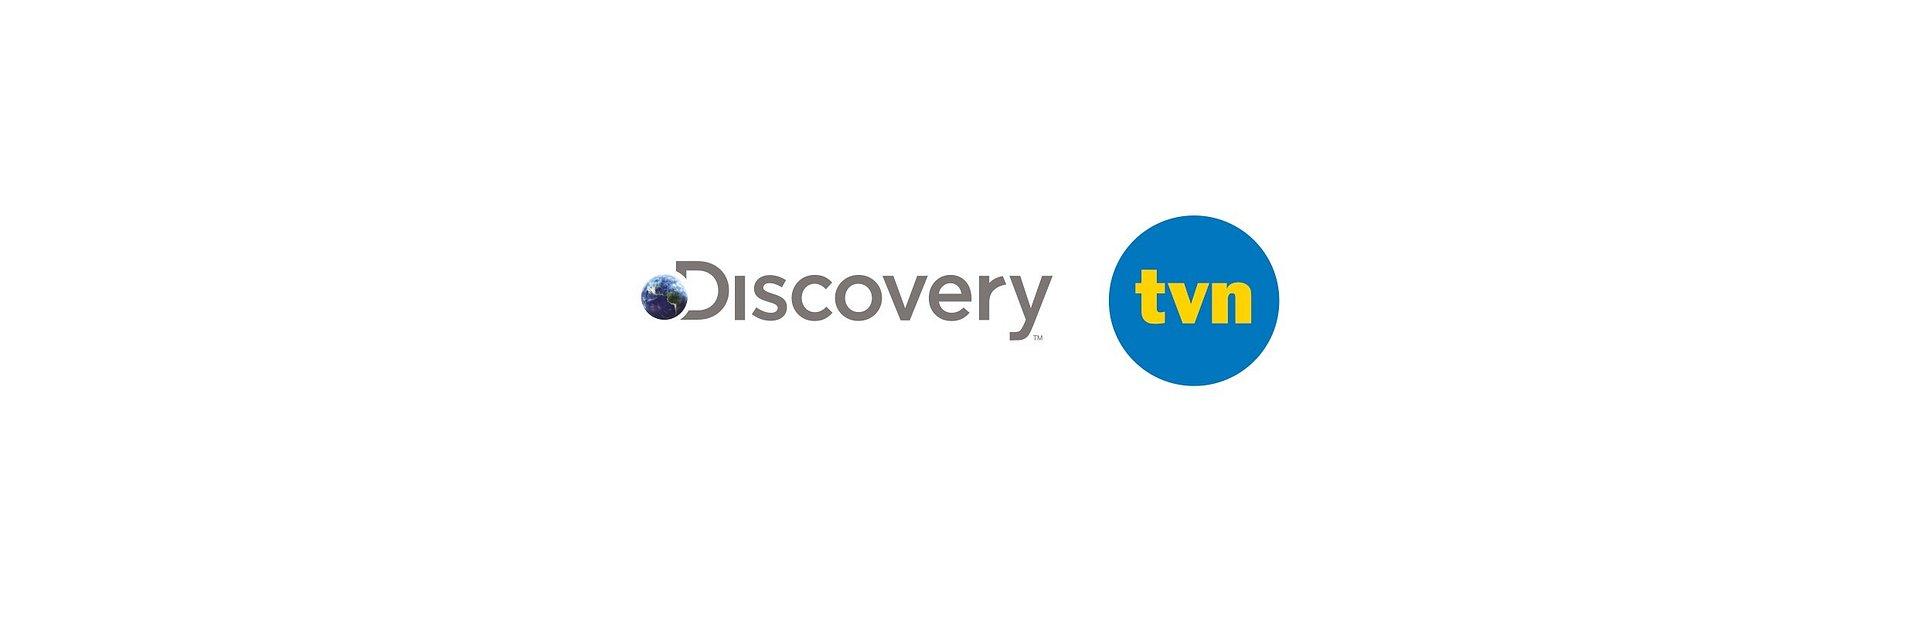 Oświadczenie TVN i Discovery